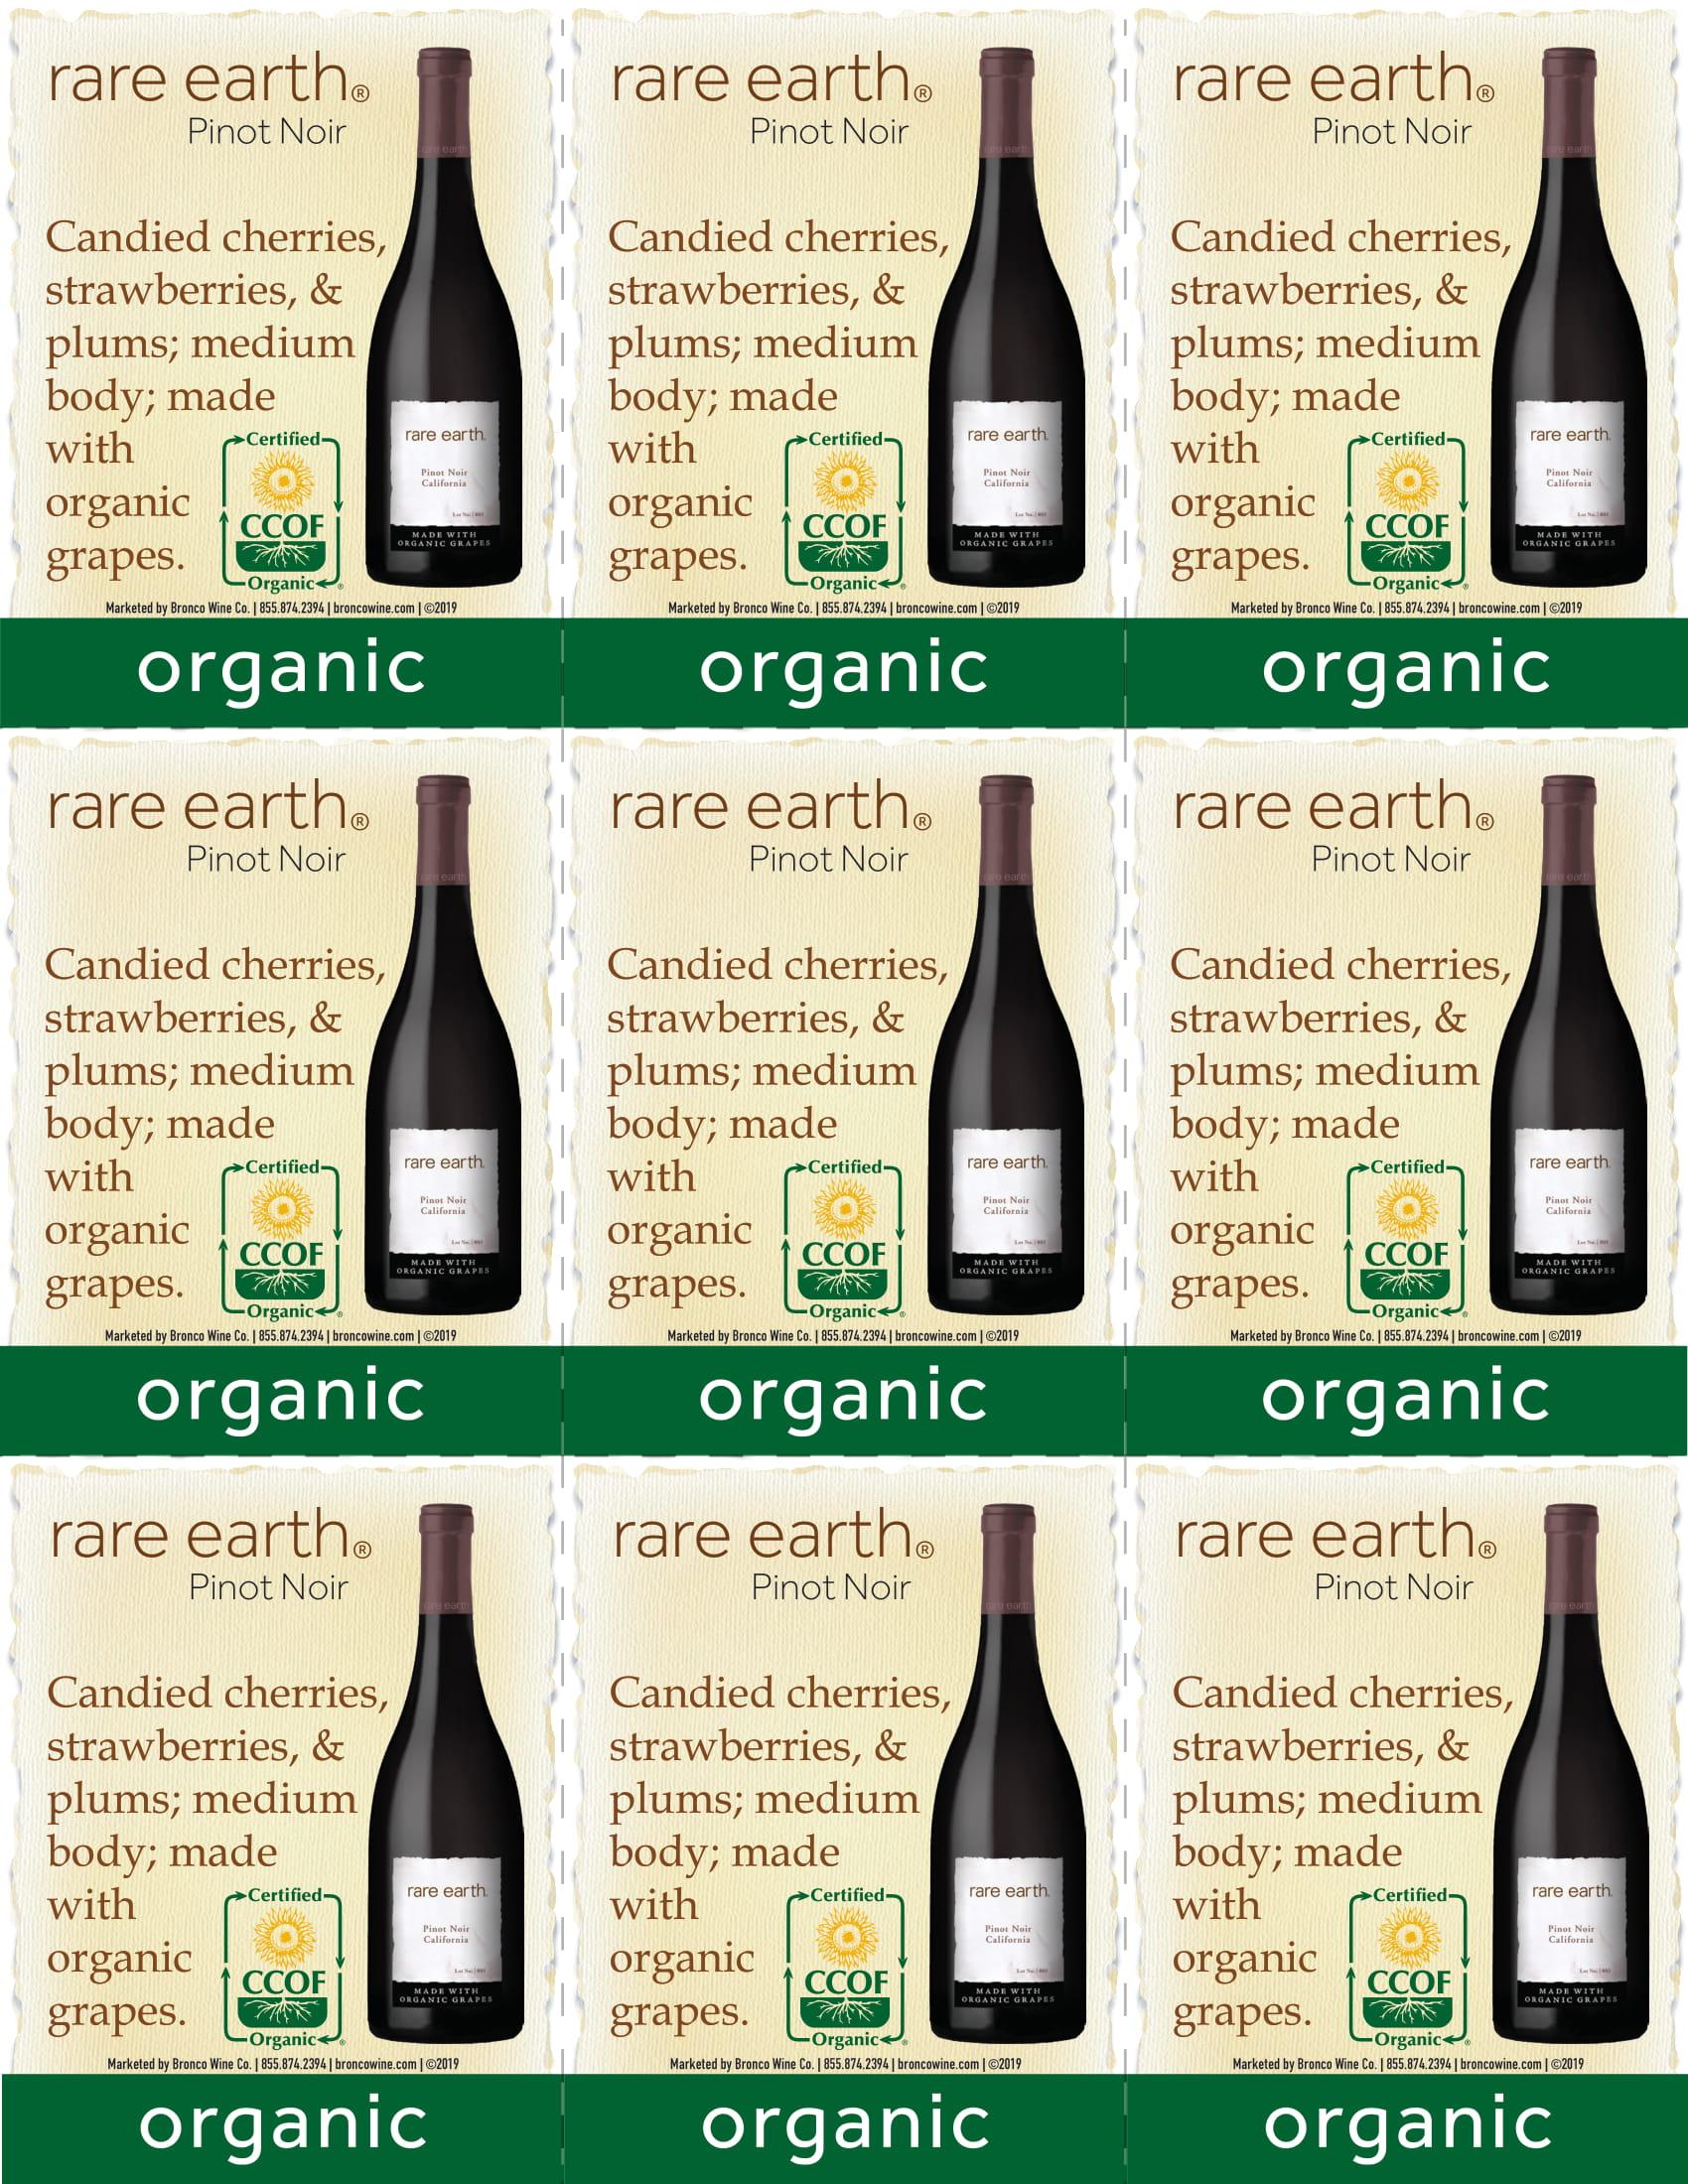 Rare Earth Pinot Noir Shelf Talker